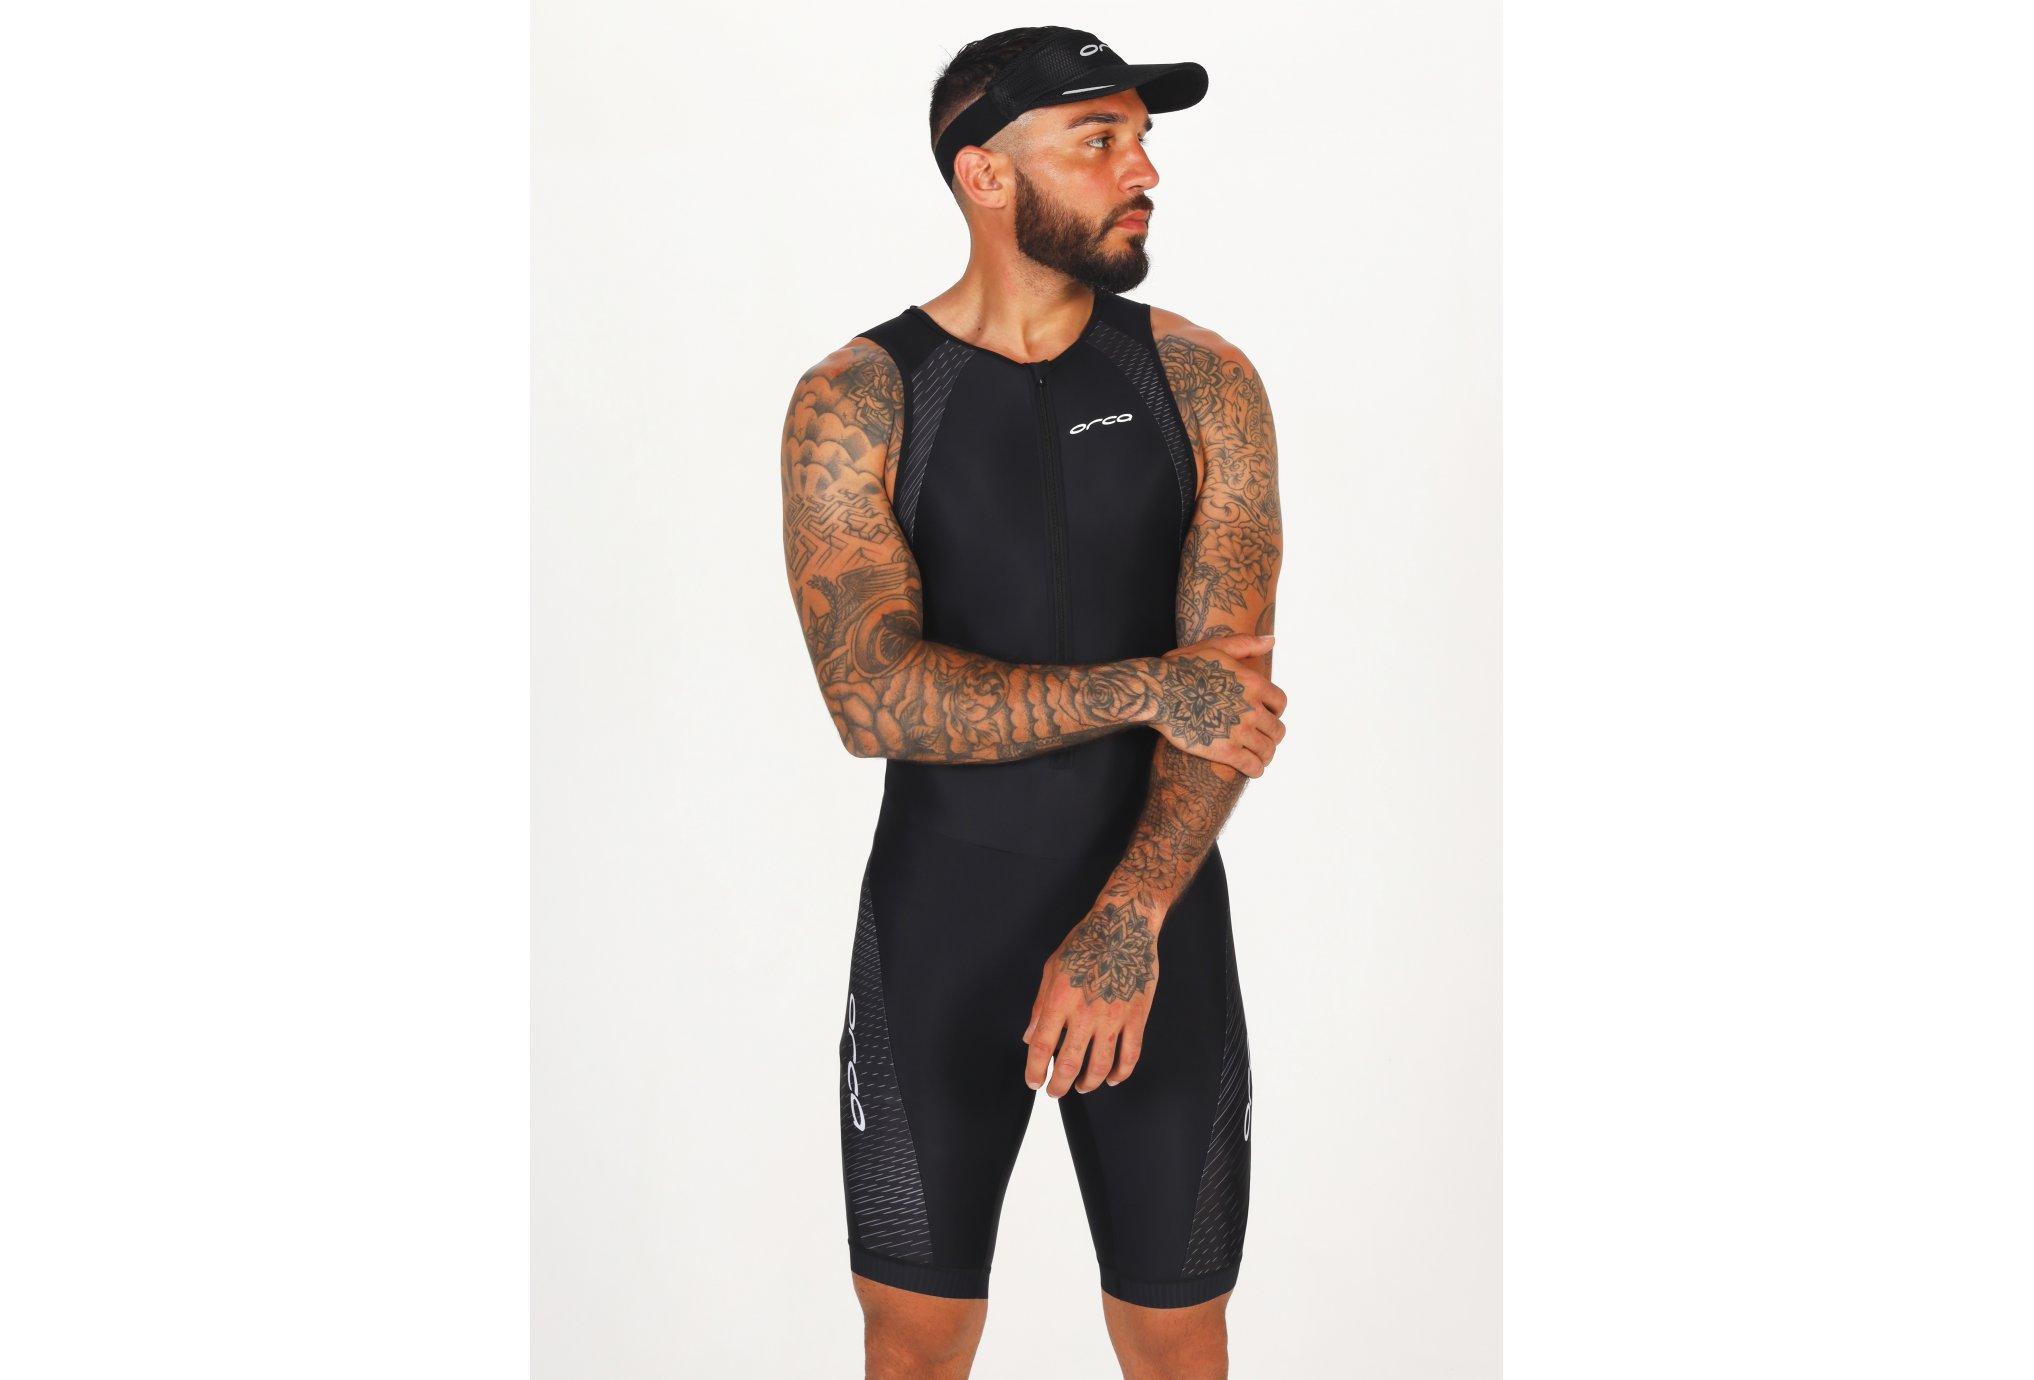 Orca Core Race Suit M vêtement running homme